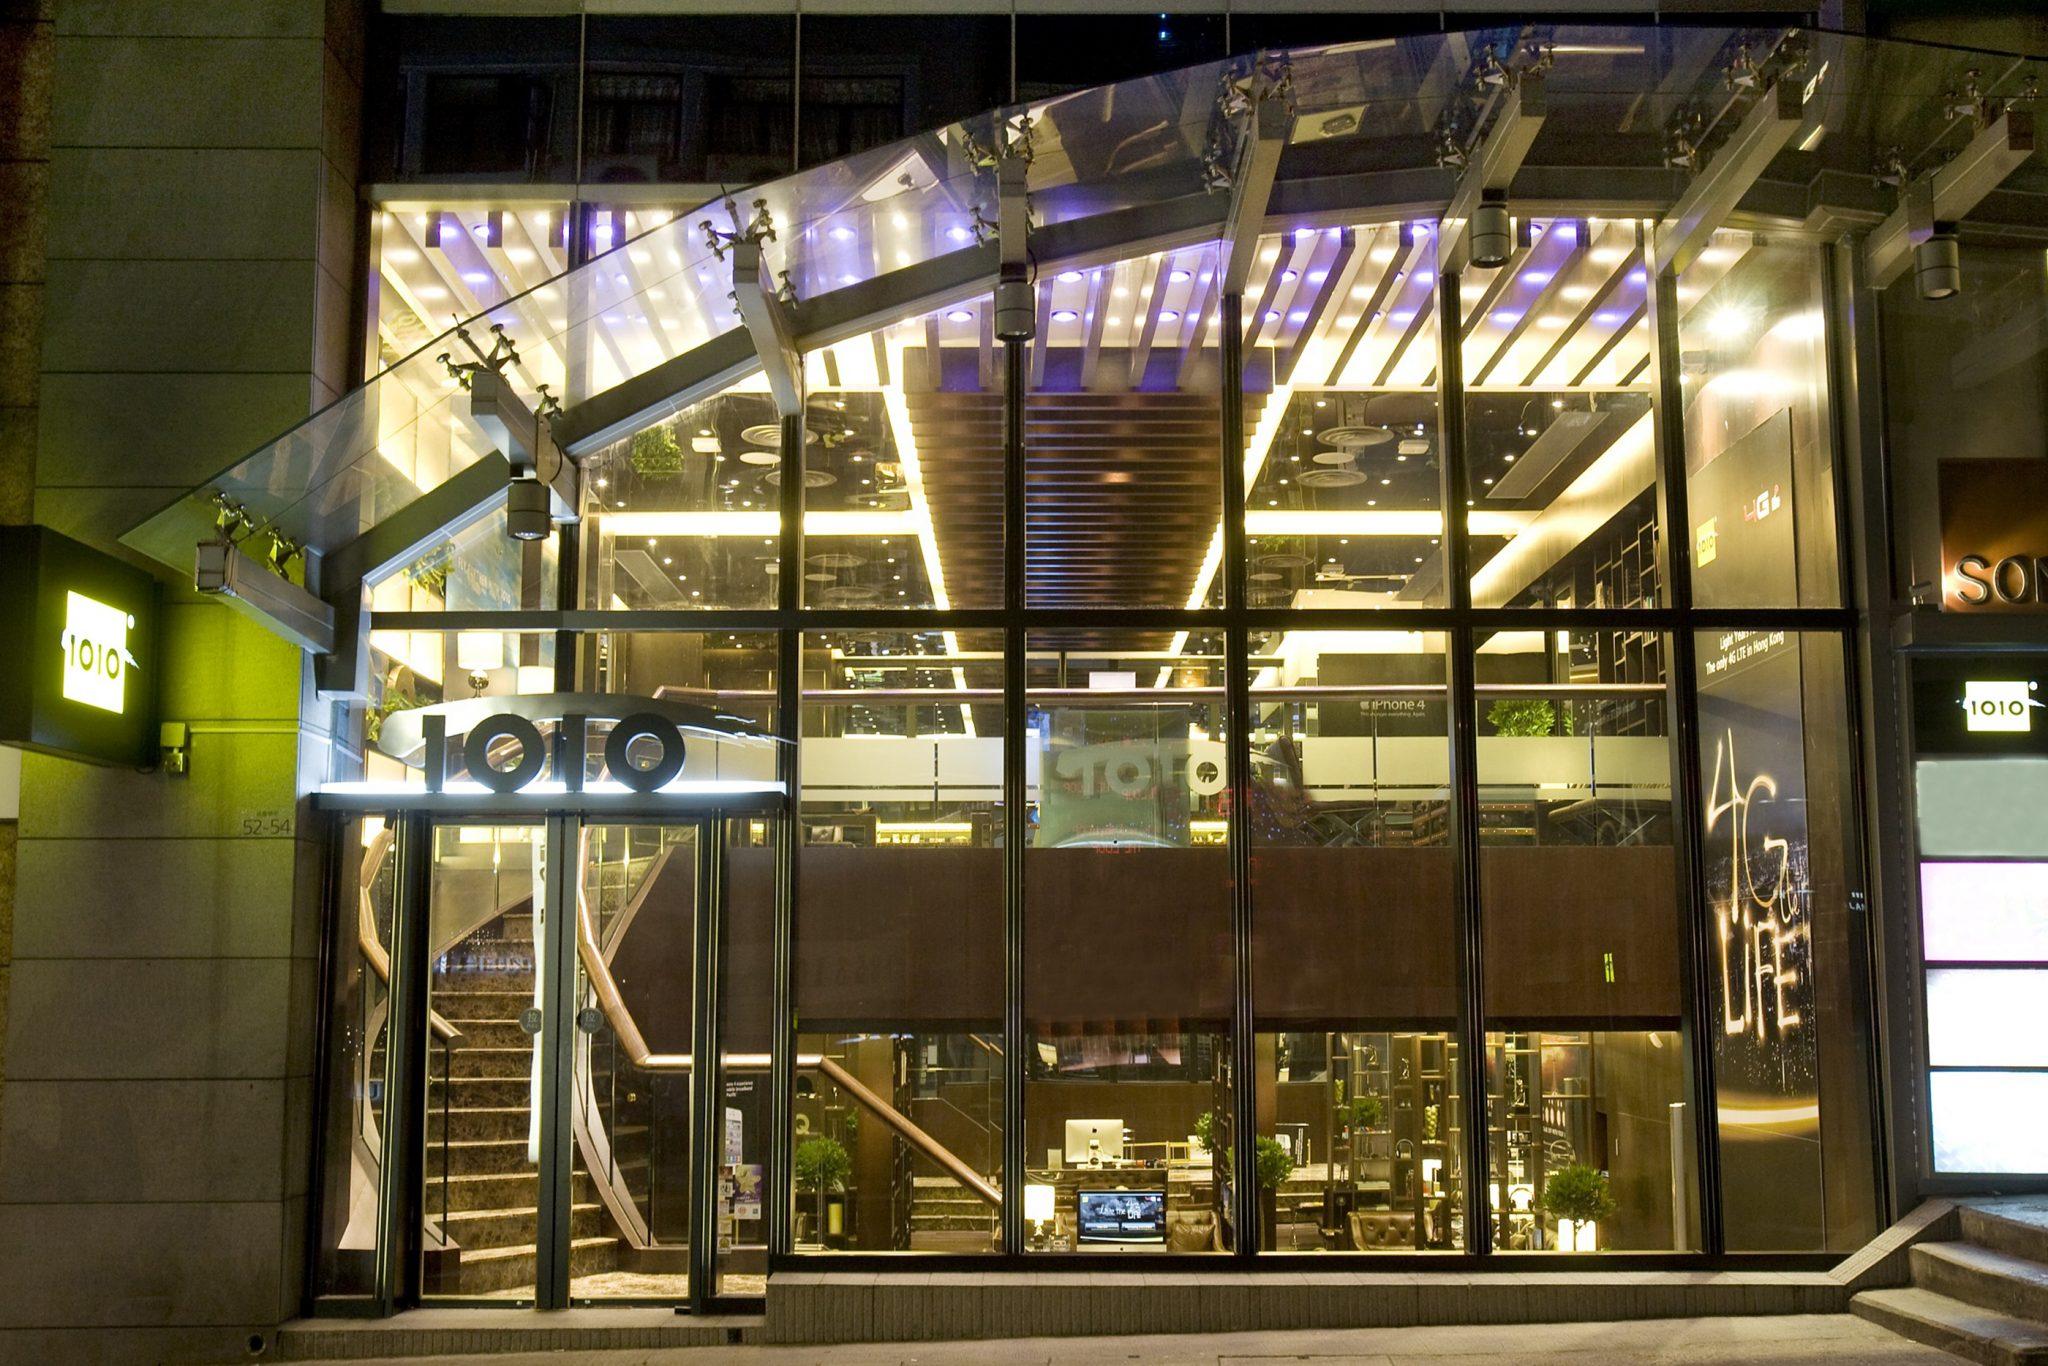 1O1O Telecom Flagship Store – Central